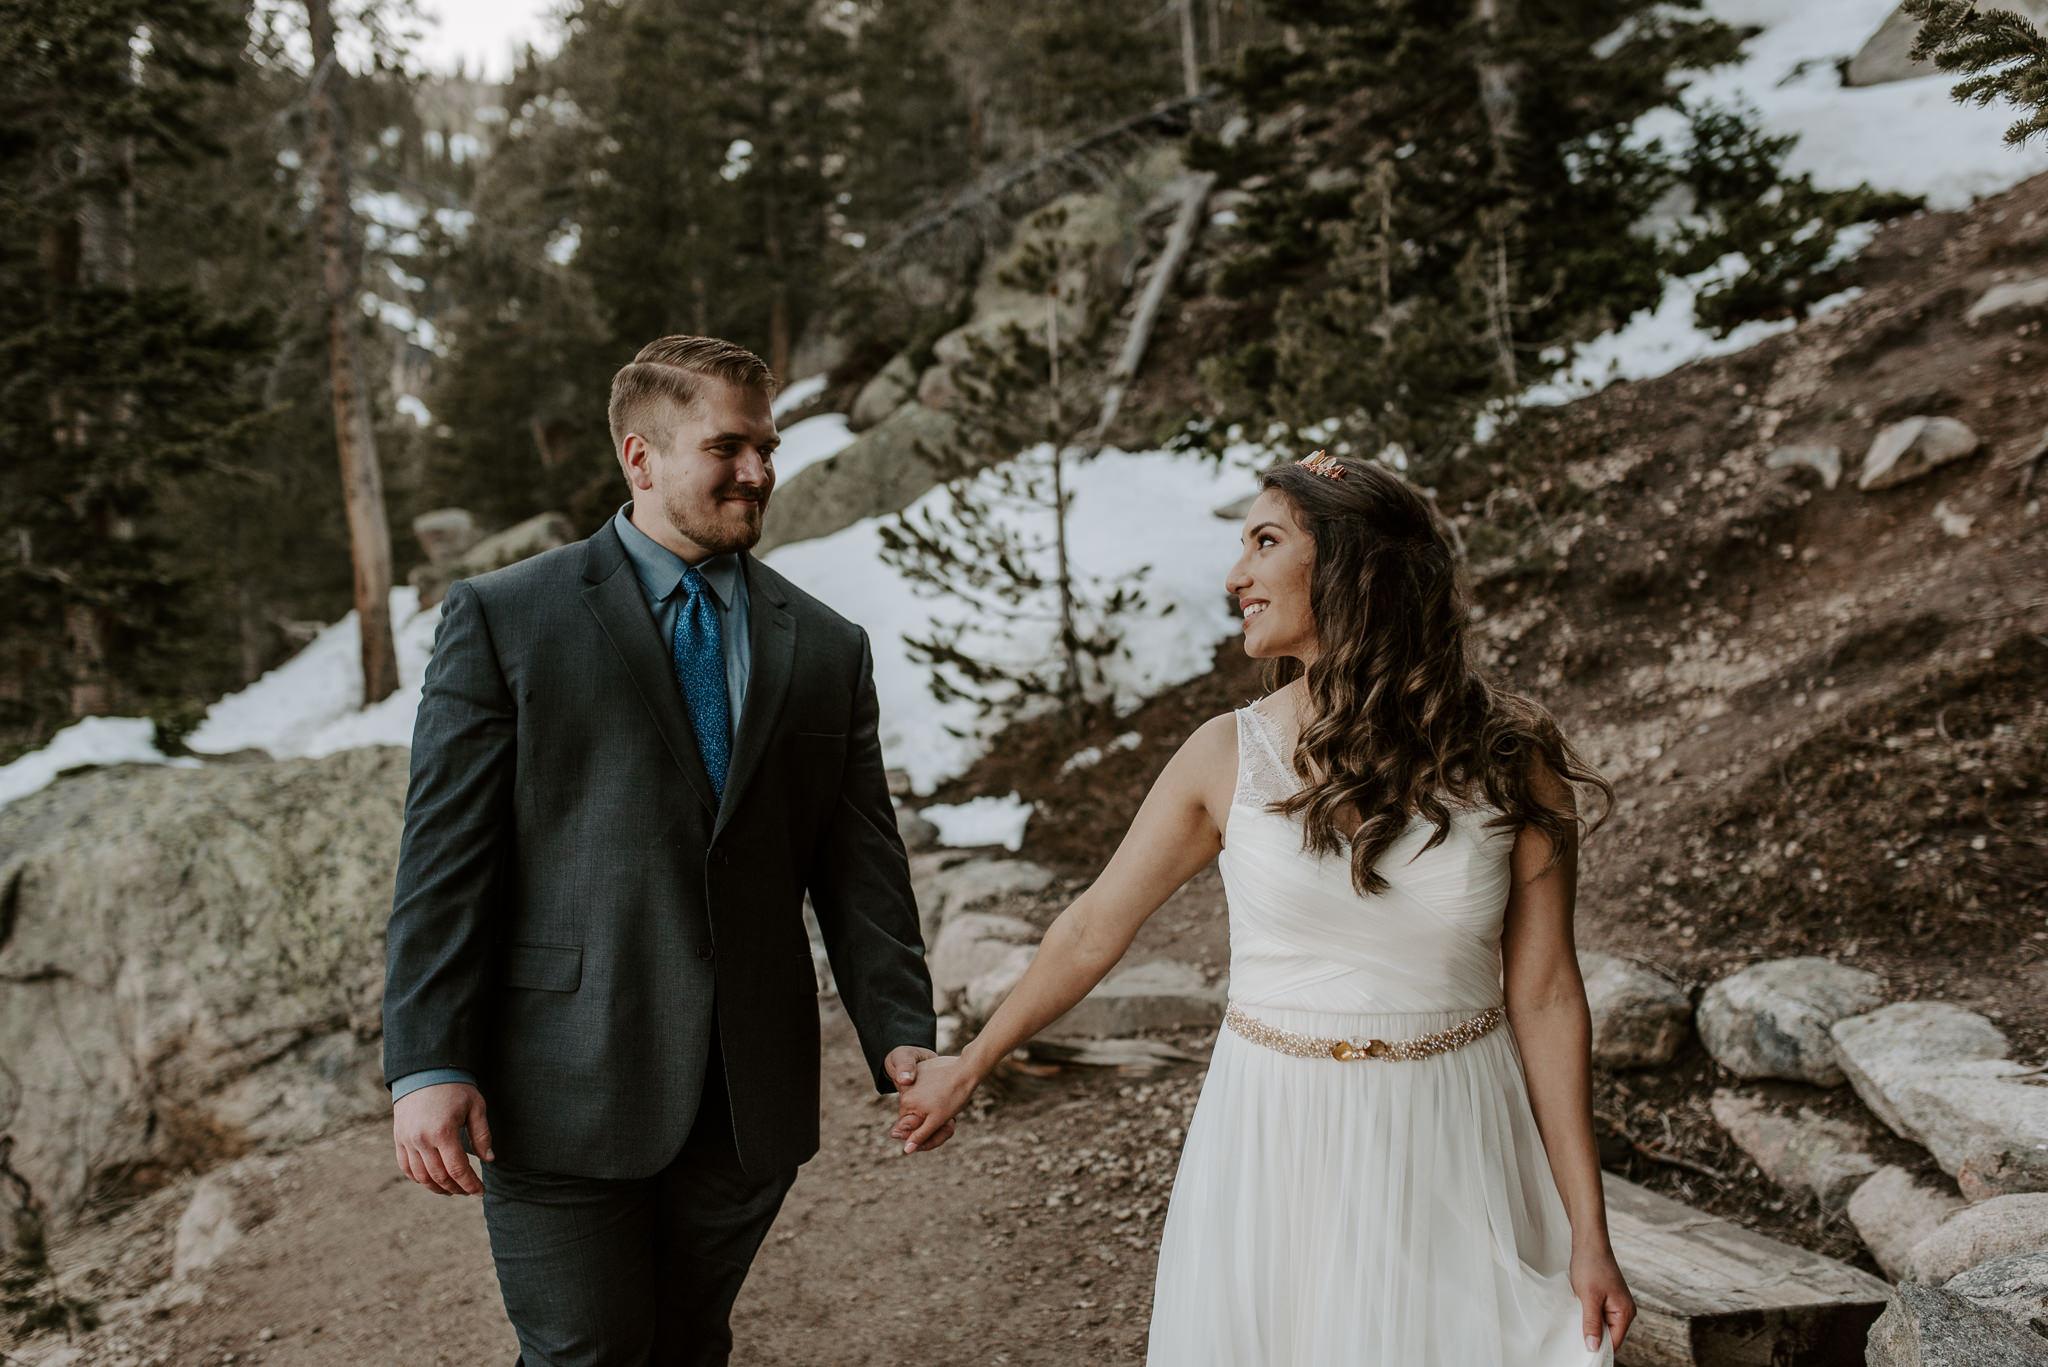 Mountain wedding photographer in Denver, Colorado